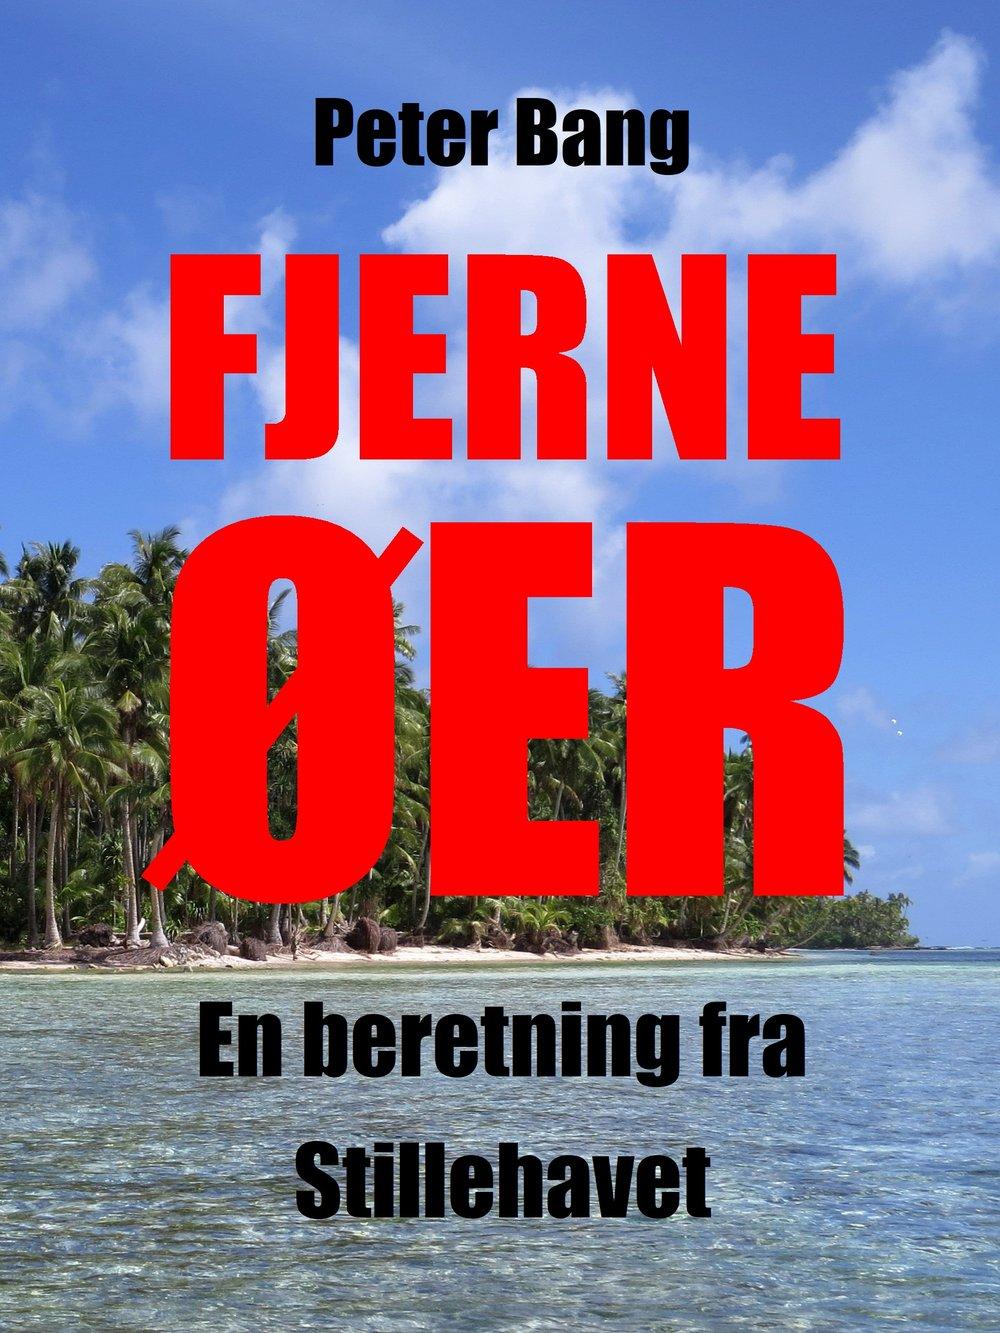 Forside FJERNE ØER dansk udgave i farve.JPG